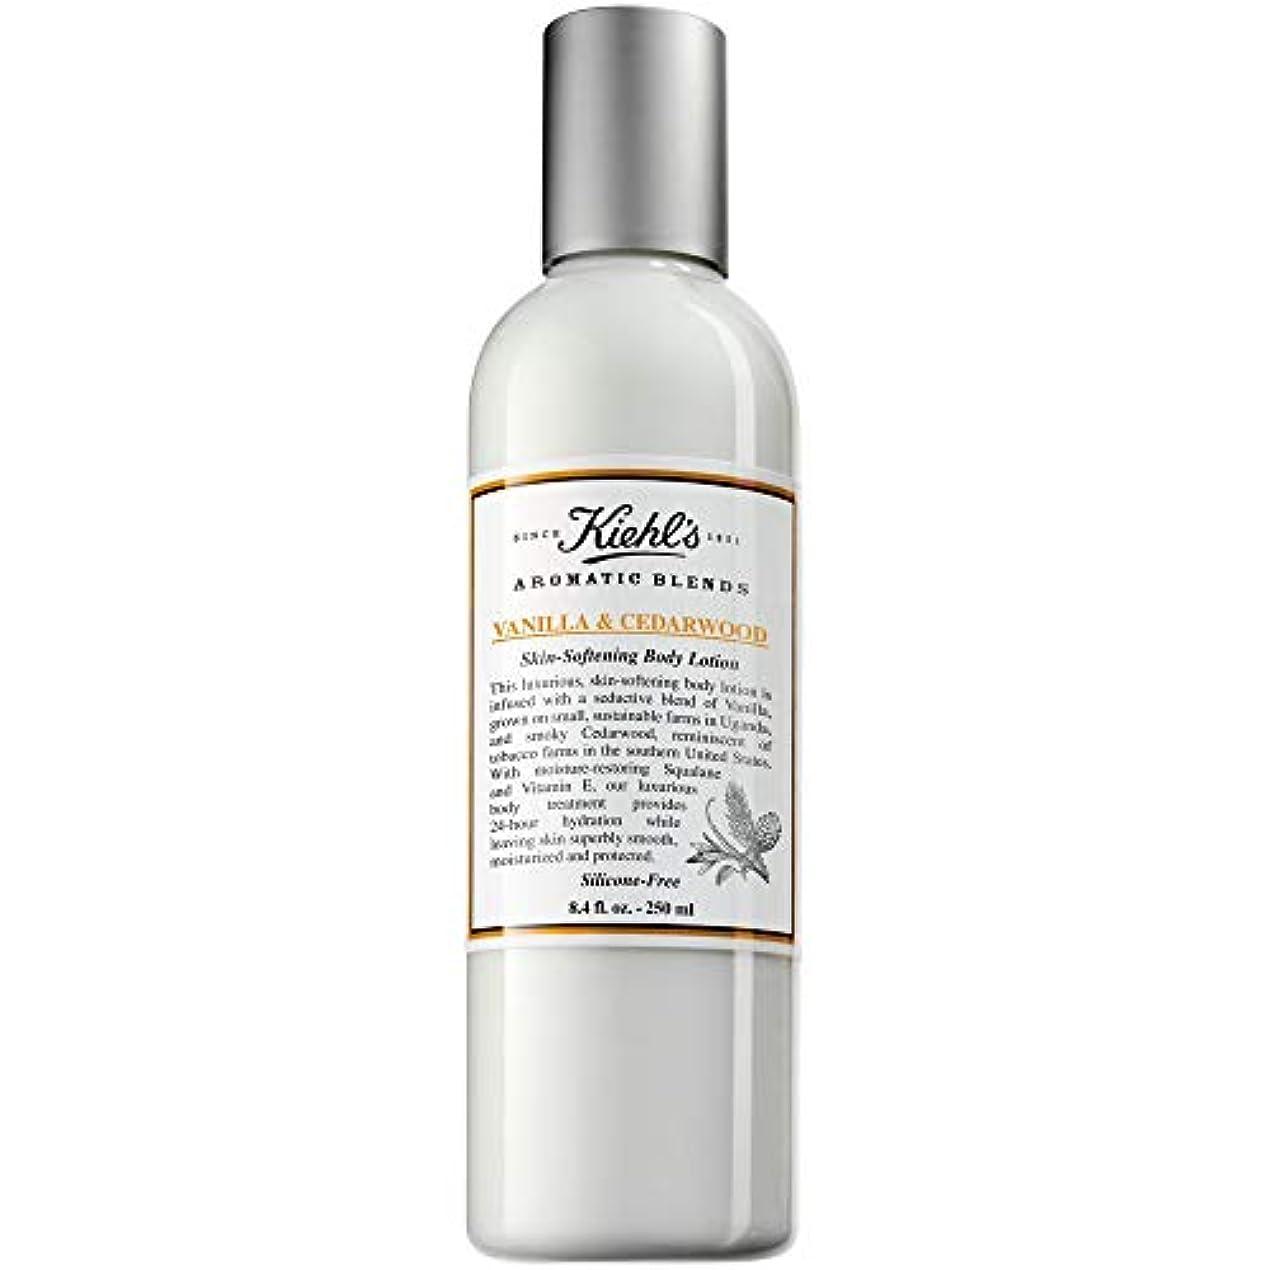 市民インペリアル羽[Kiehl's ] キールズ芳香族ブレンド - バニラ、シダーウッド皮膚軟化ボディローション250ミリリットル - Kiehl's Aromatic Blends - Vanilla and Cedarwood Skin-Softening...